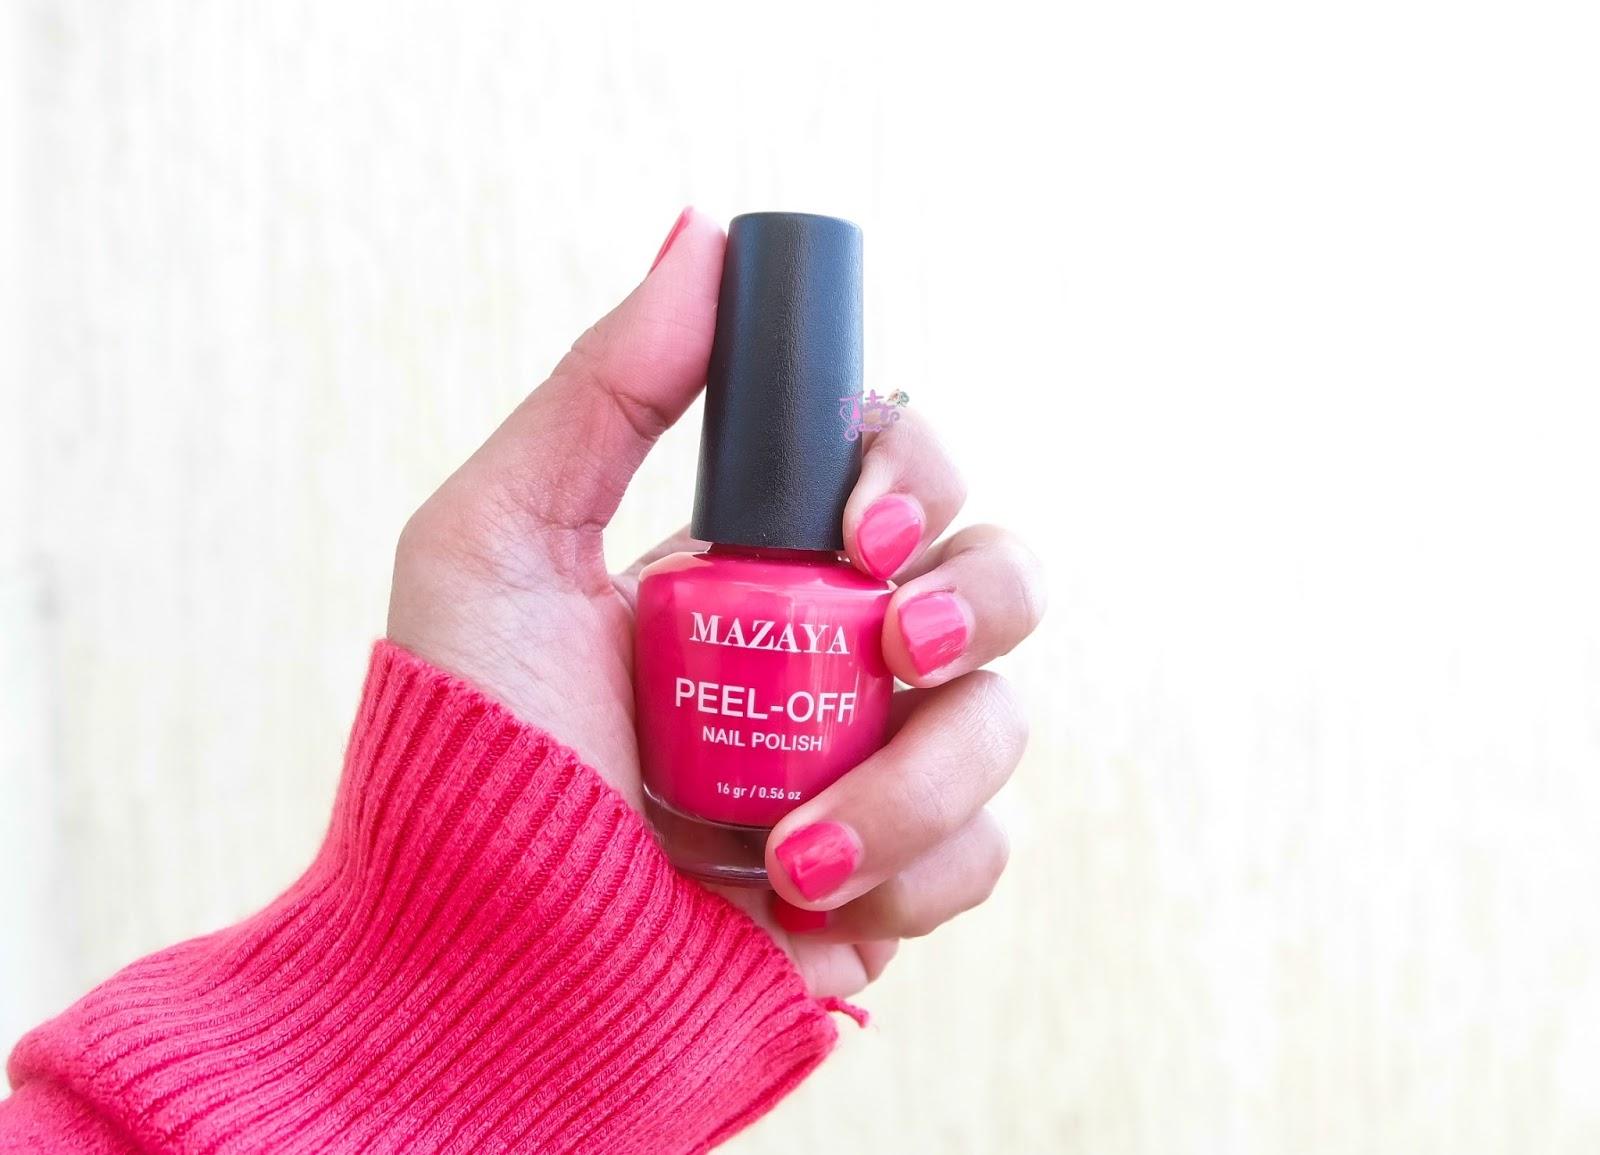 Image result for Mazaya Peel-off Nail Polish